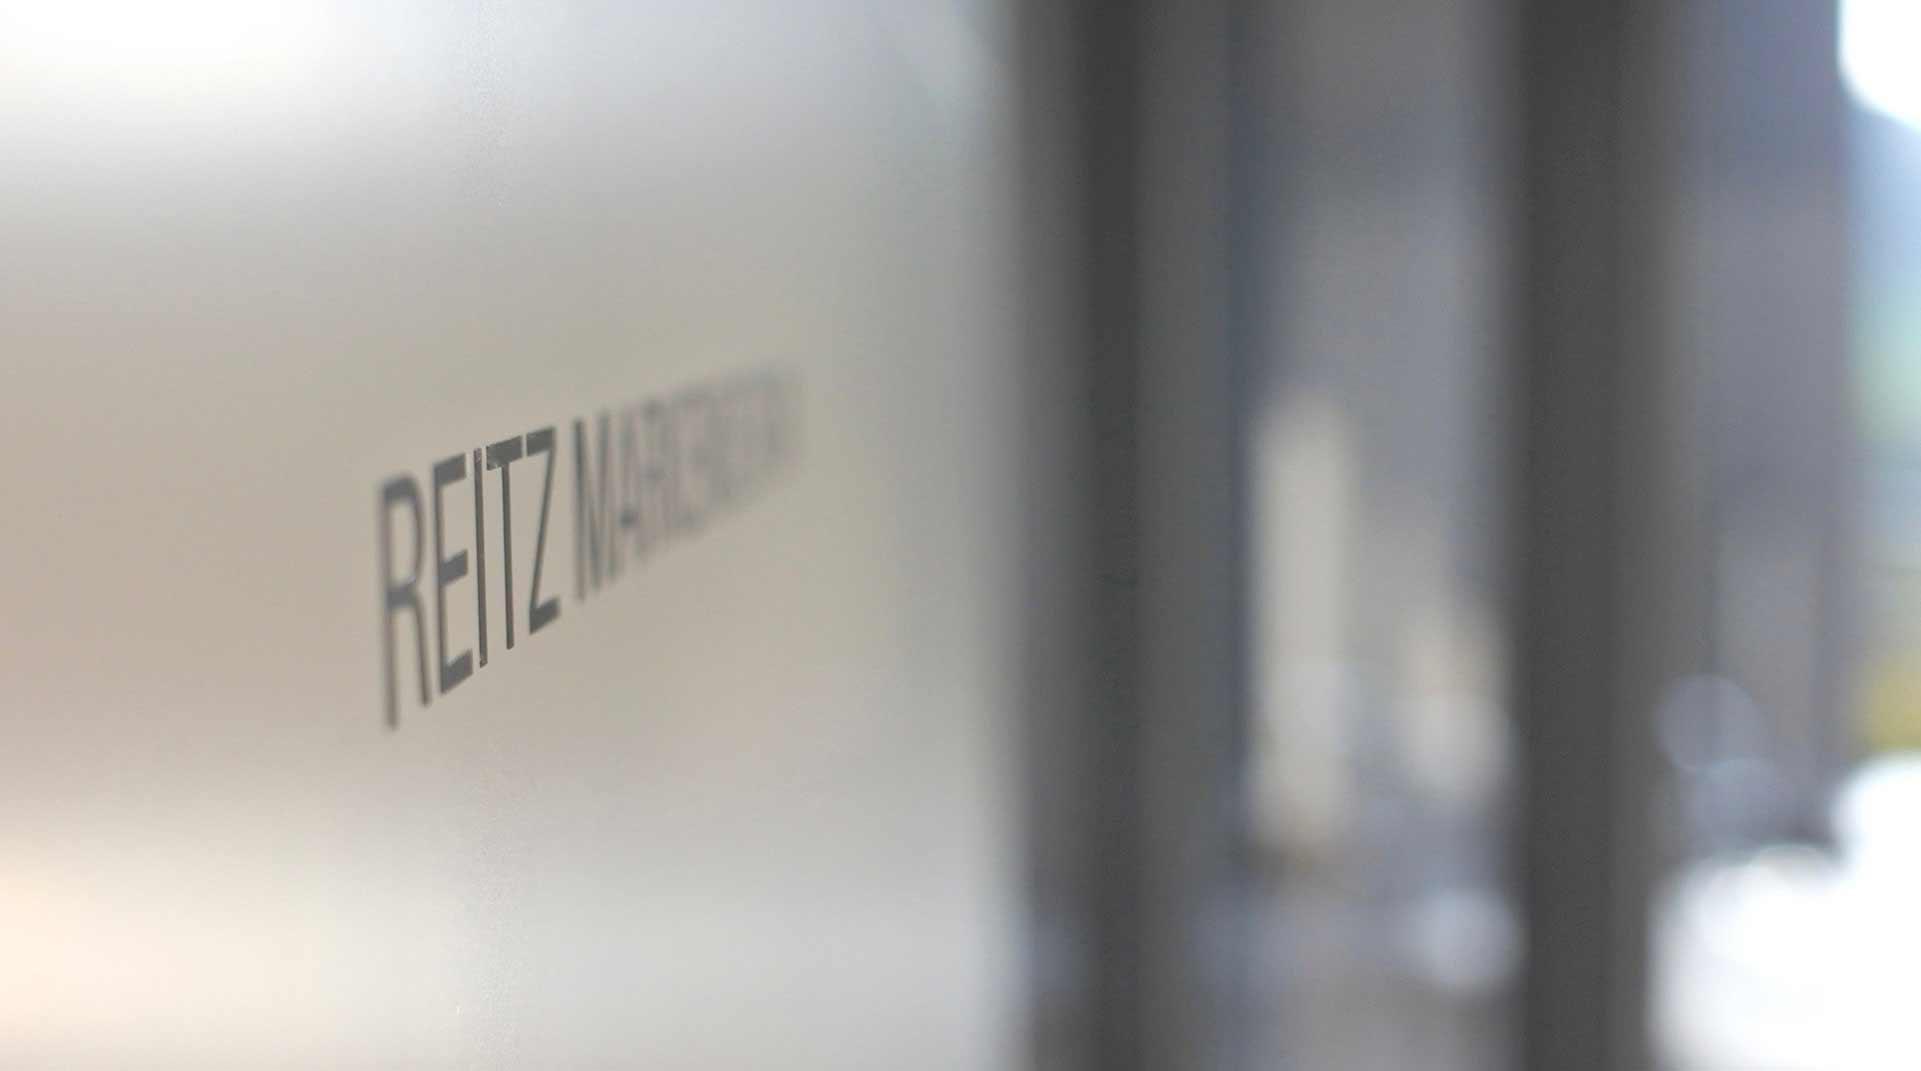 Sliderbild 2 Reitz Markendesign